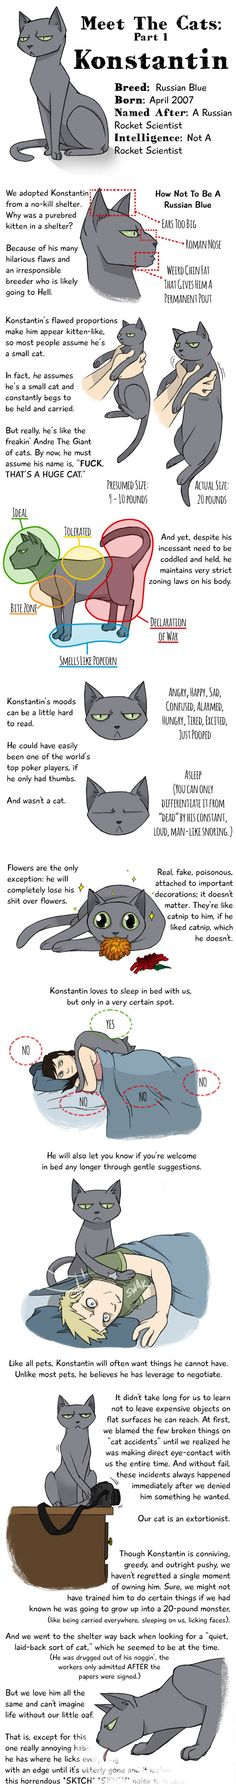 Meet the cats: Part 1